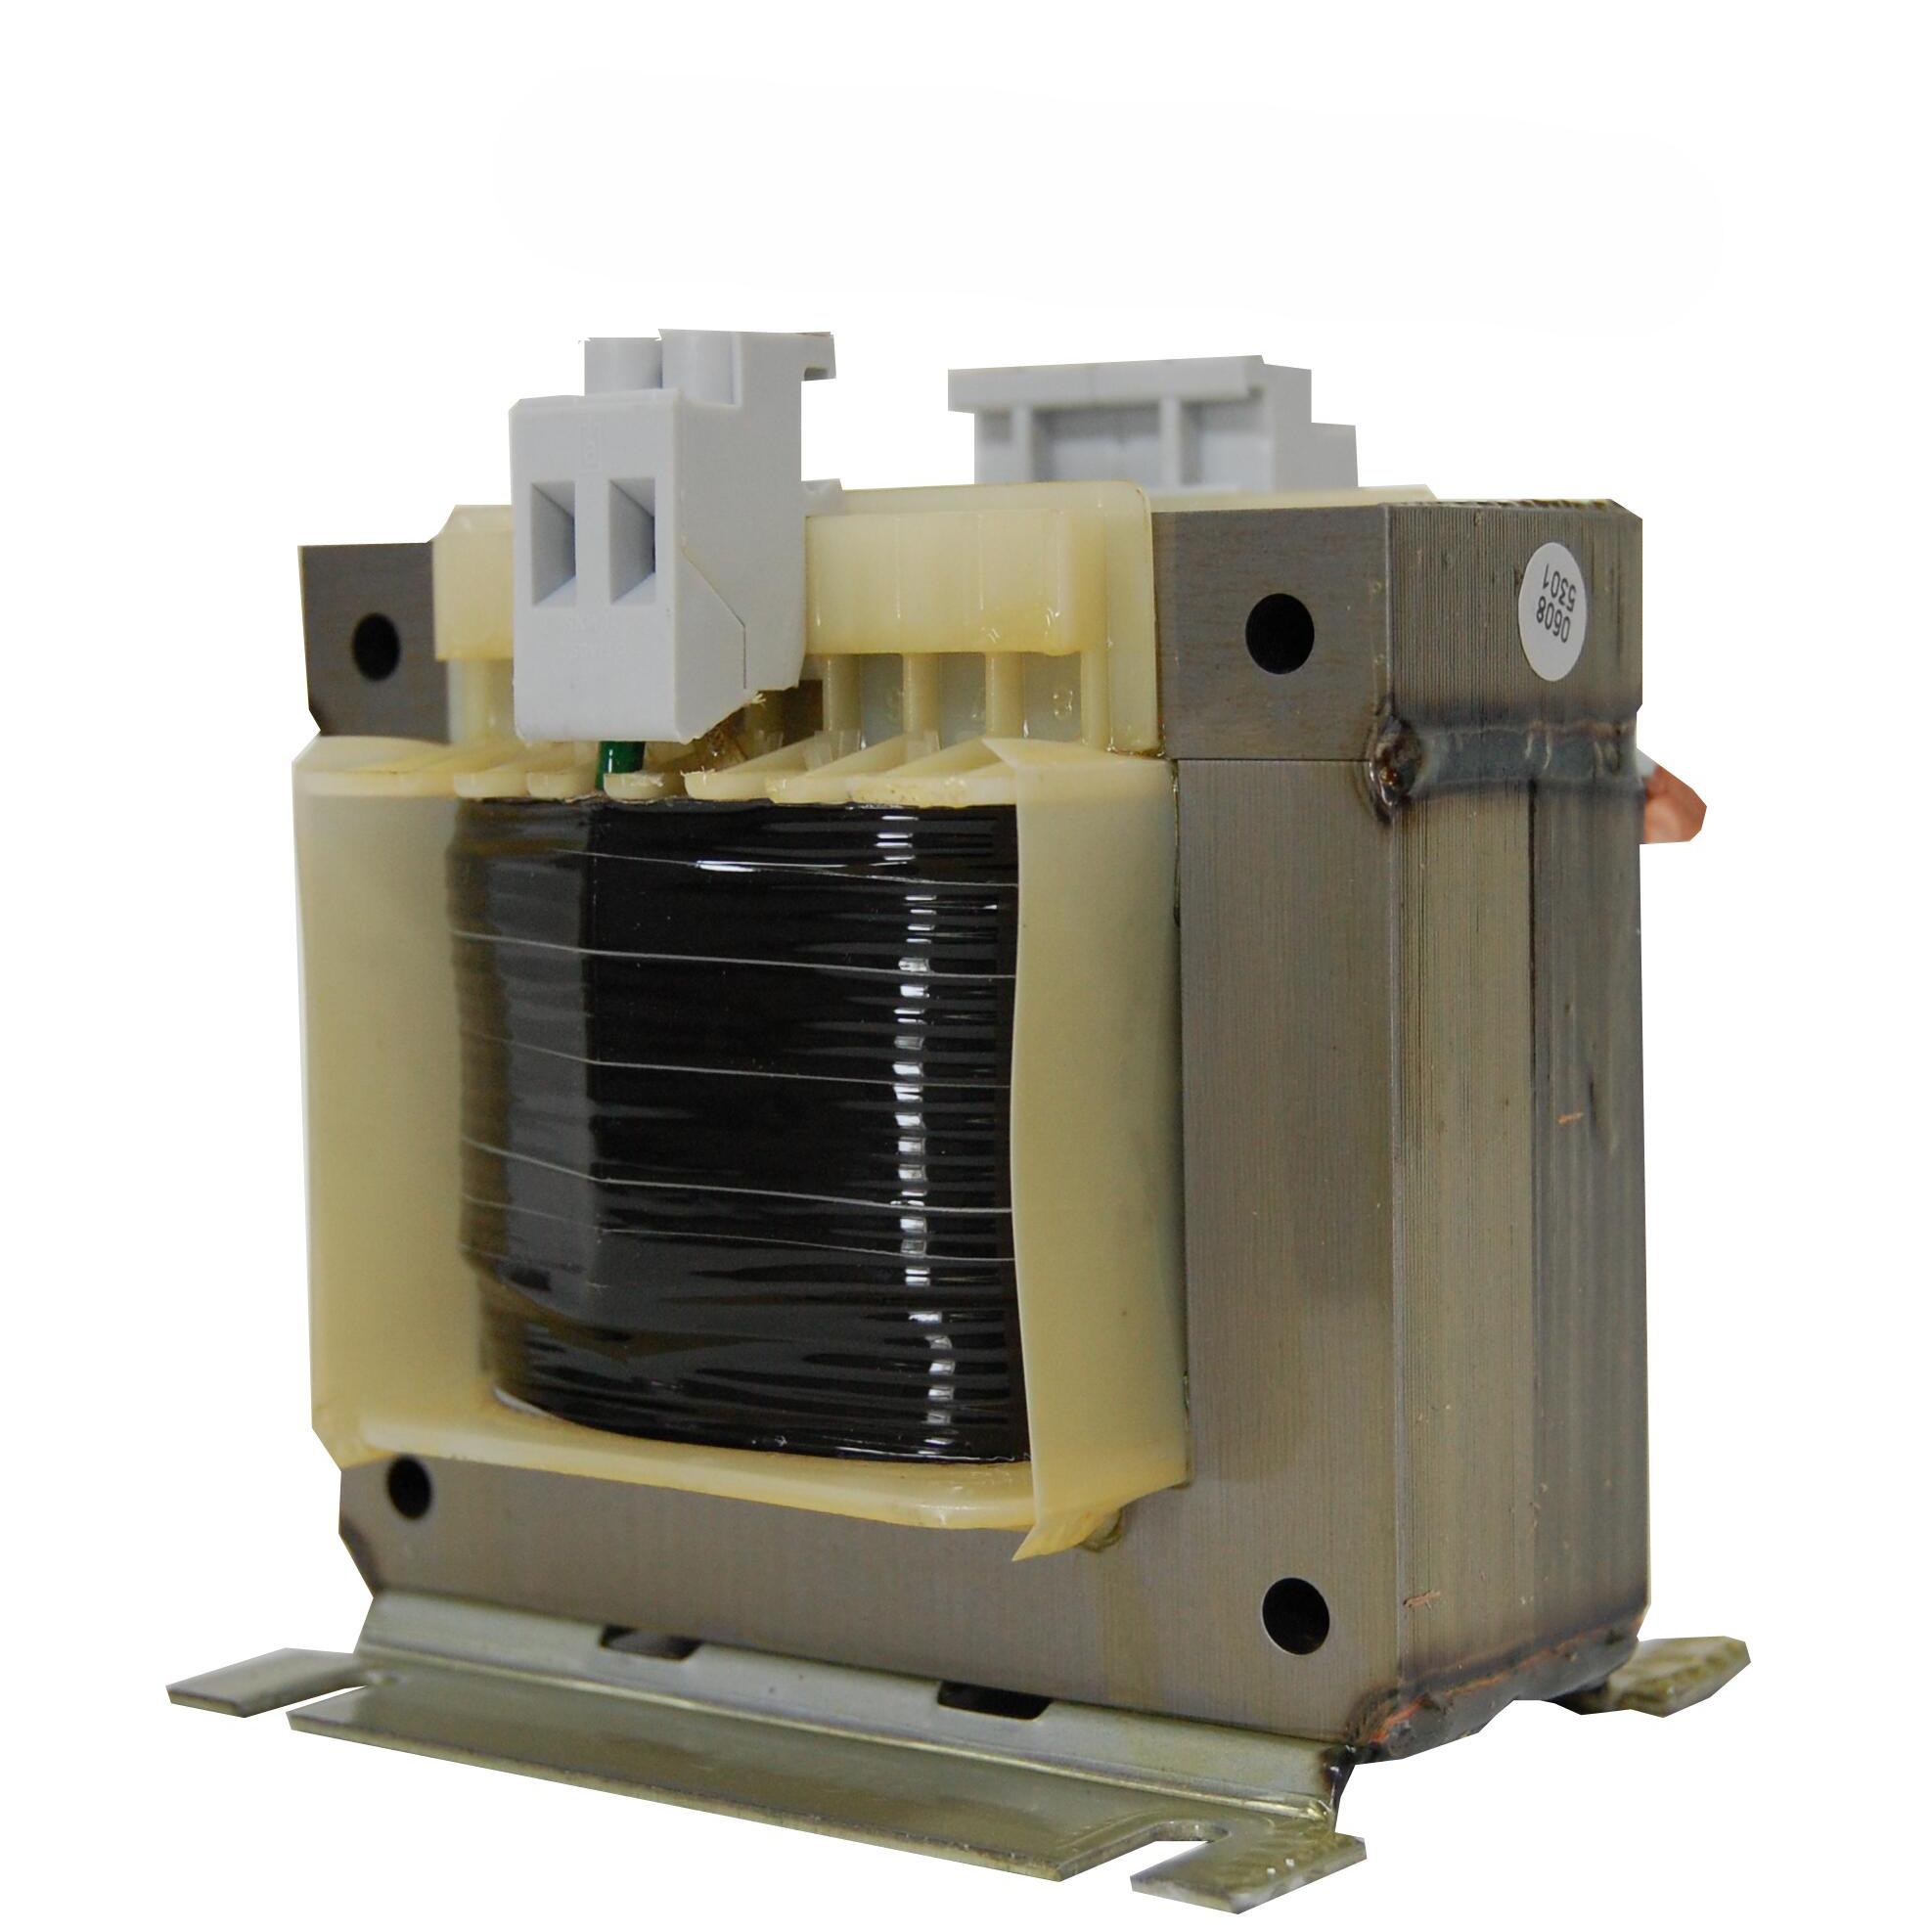 1 Stk Einphasen Steuertransformator 400/230V, 5000VA, IP00 LP604500T-